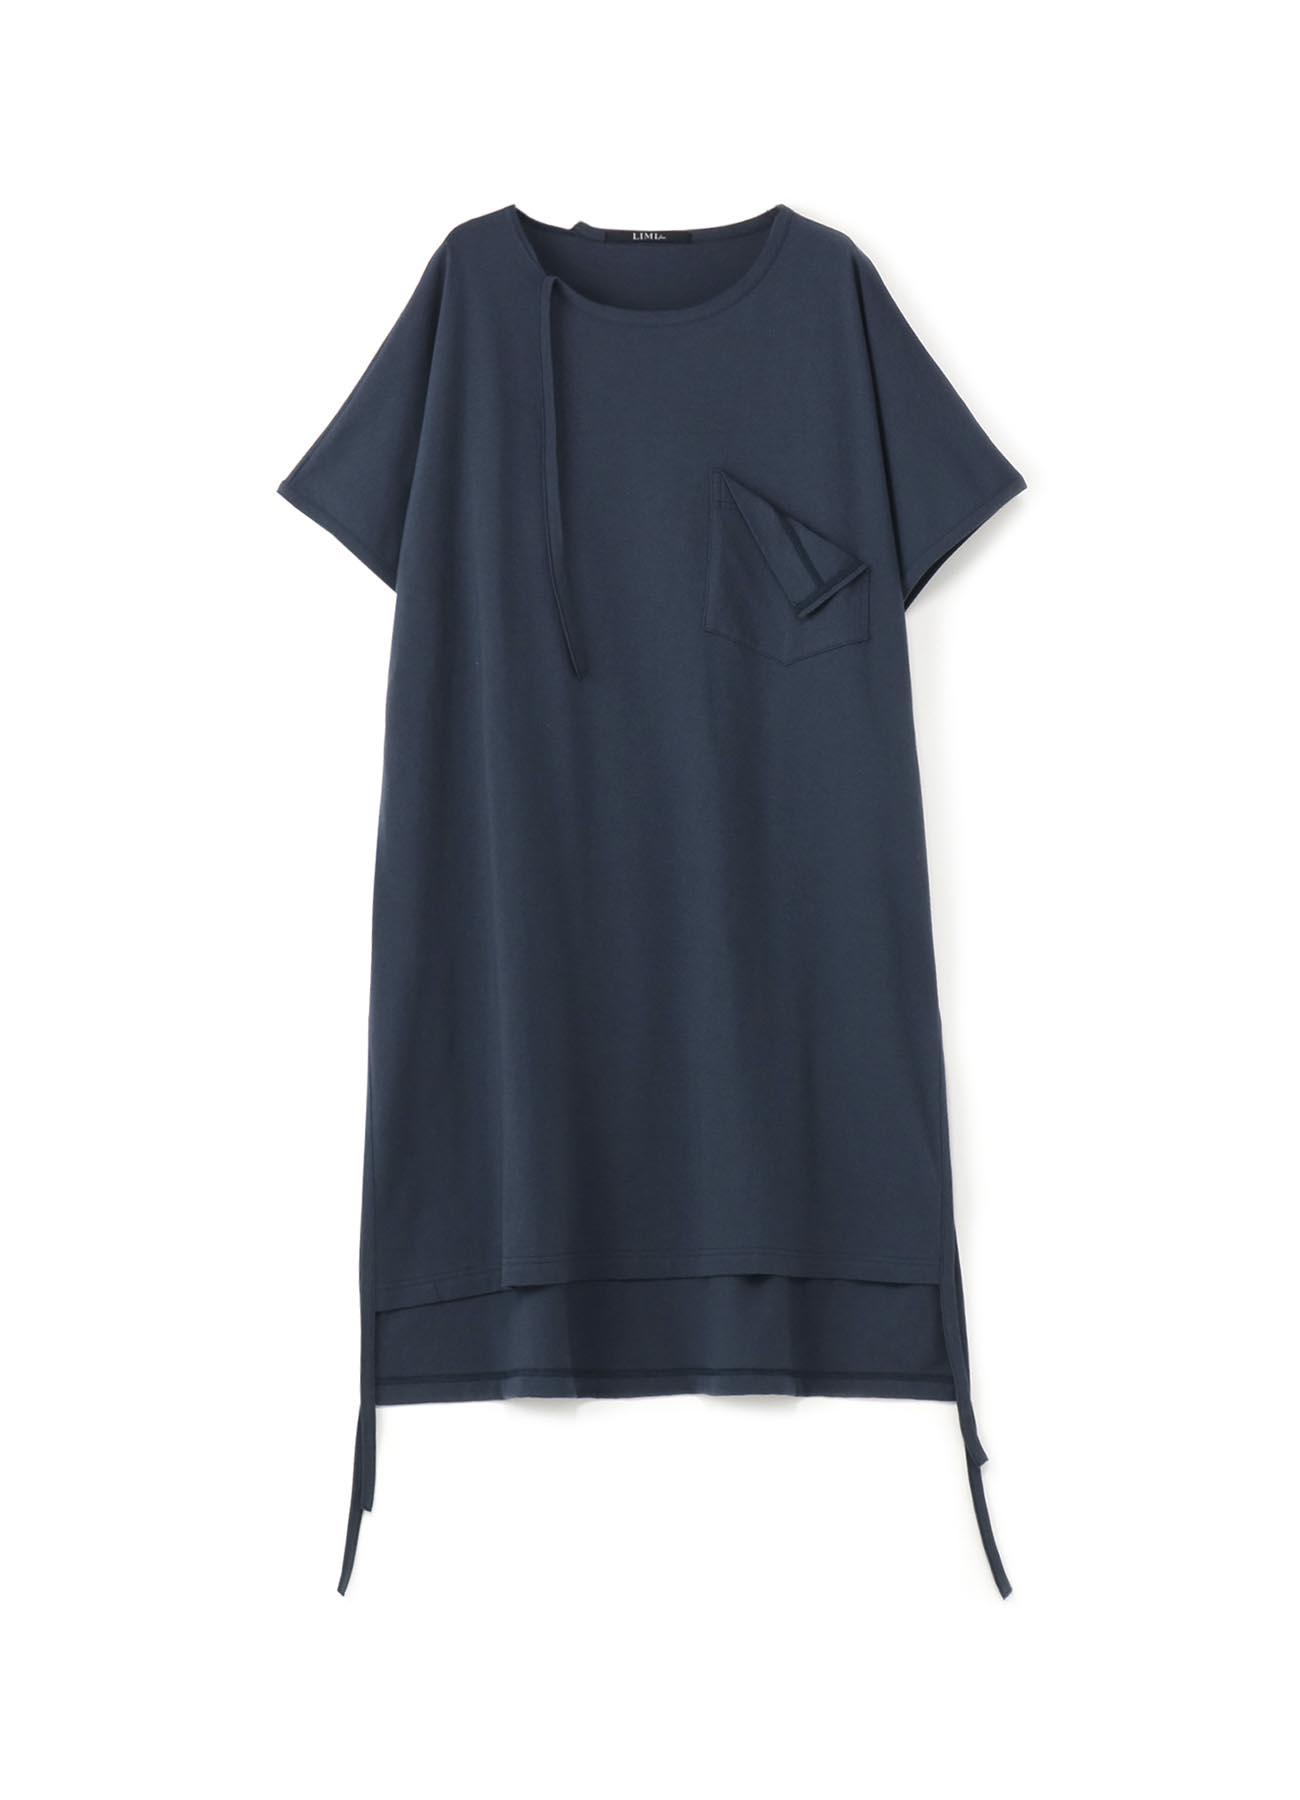 吊绳装饰短袖长款T恤